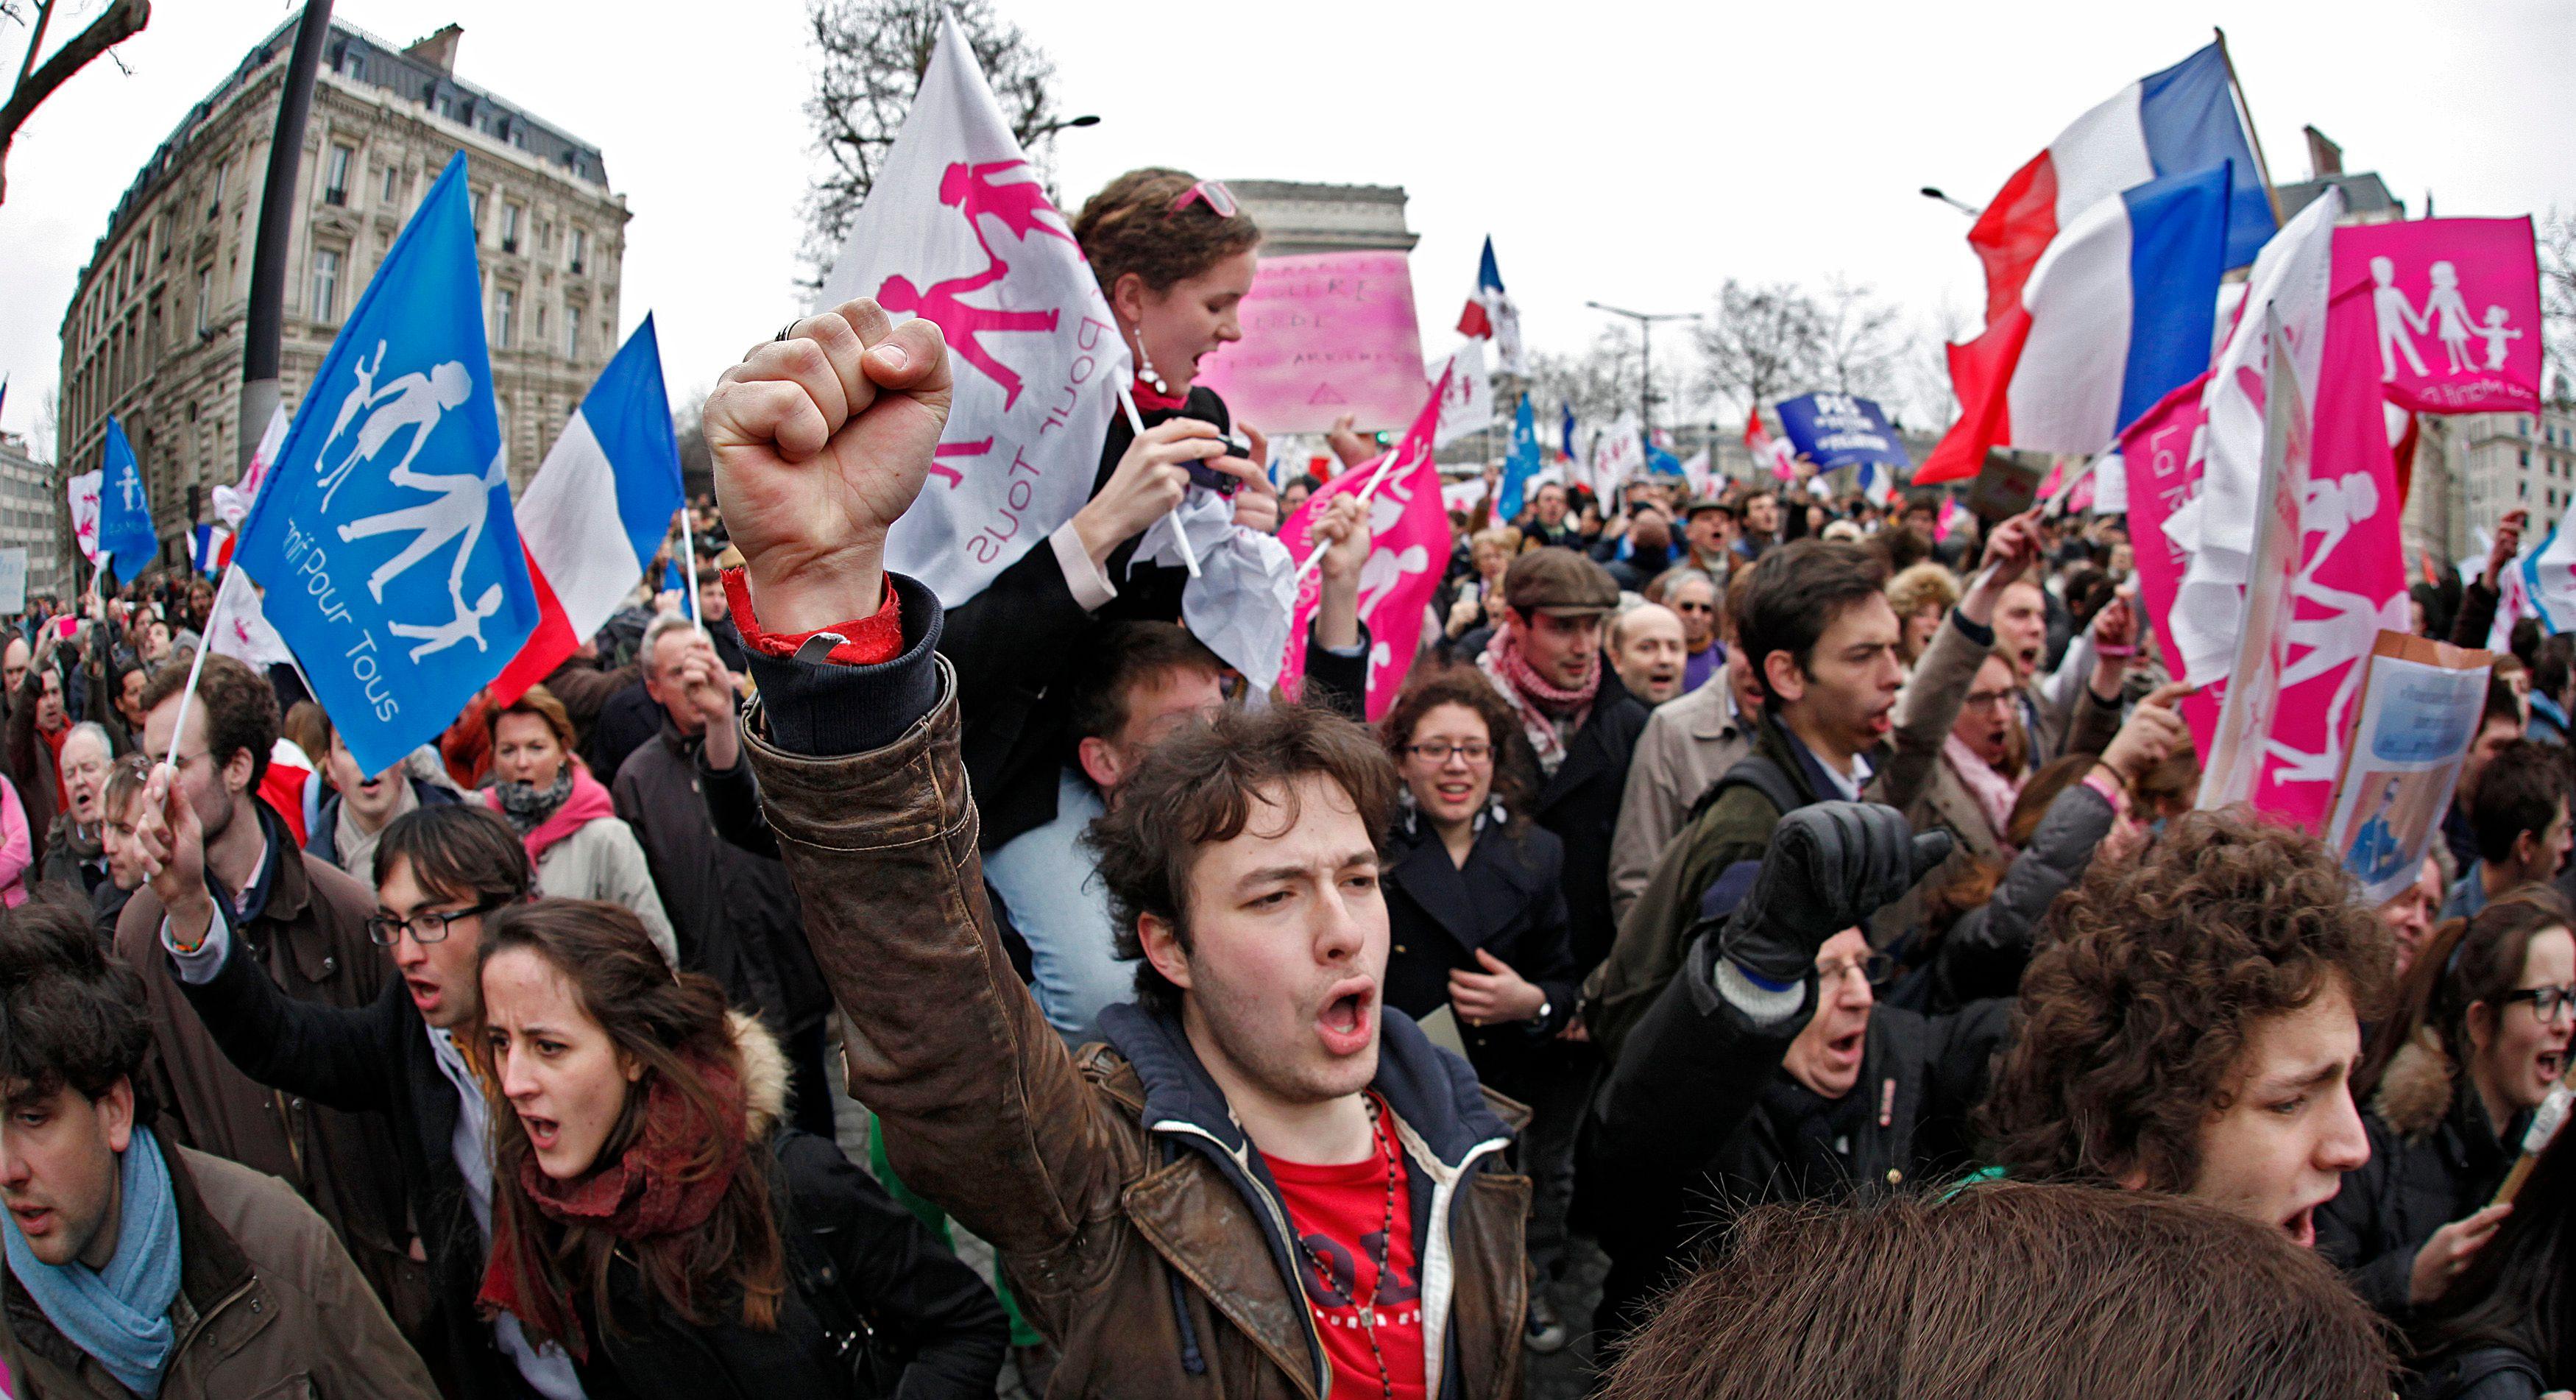 Manif pour tous : entre 80 000 et 500 000 personnes à Paris